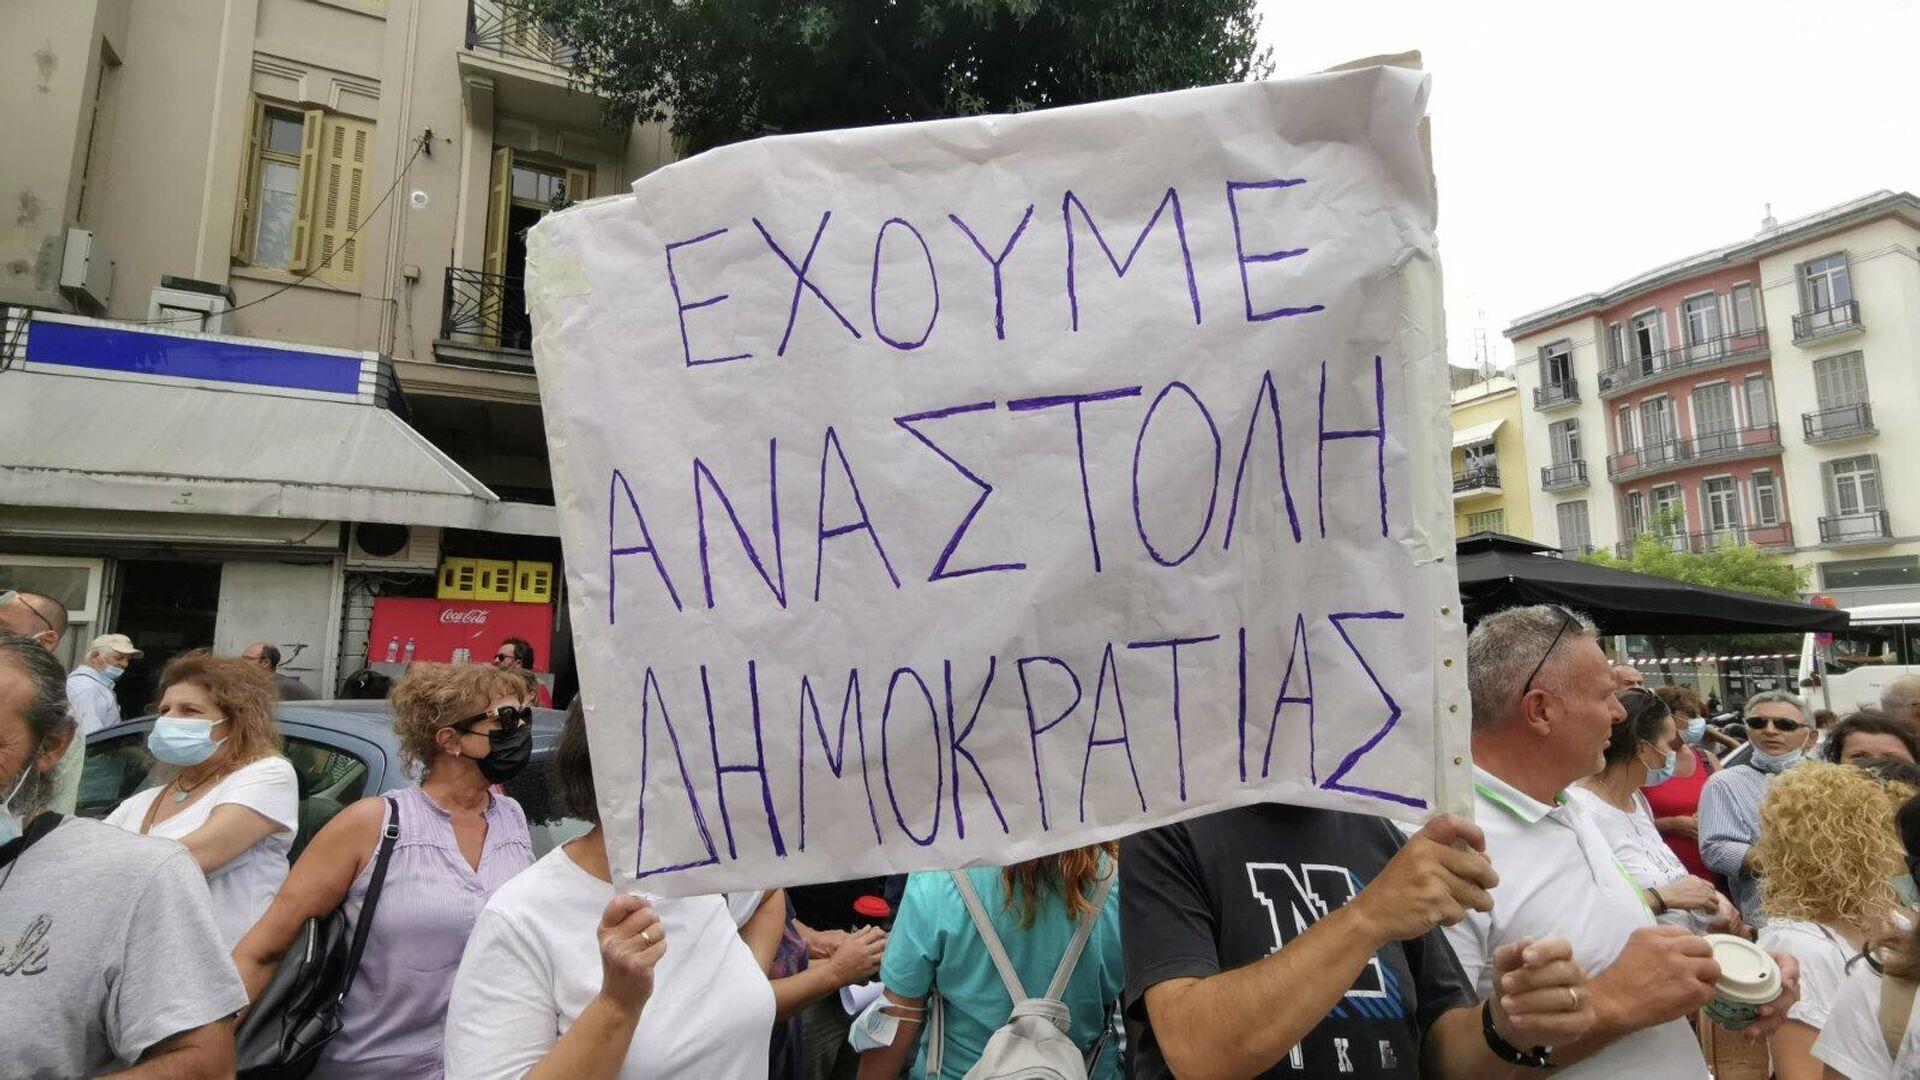 Συγκέντρωση υγειονομικών στη Θεσσαλονίκη - Sputnik Ελλάδα, 1920, 26.08.2021